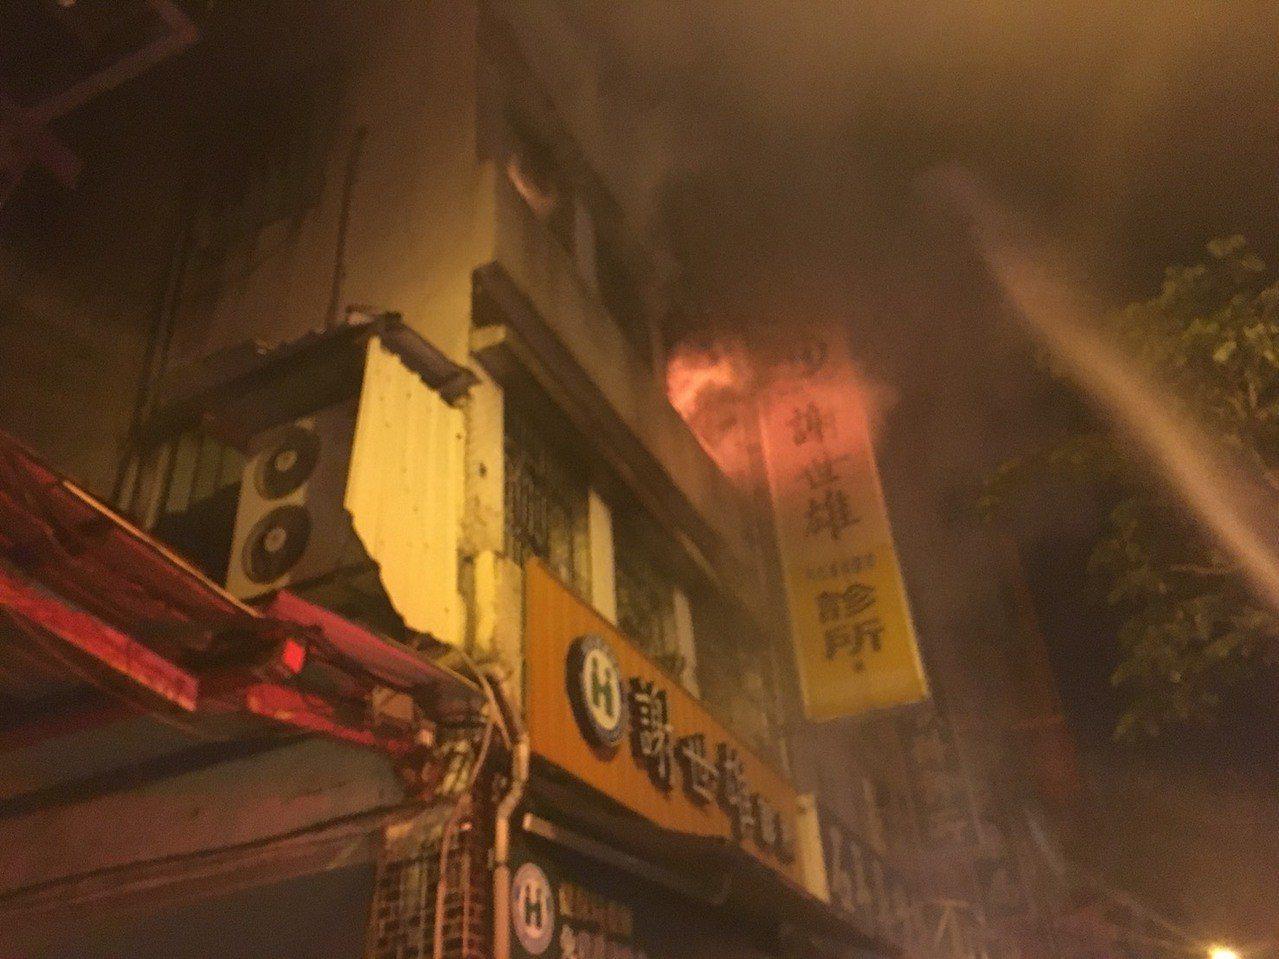 宜蘭縣羅東鎮倉前路的一間私人診所,凌晨突然從2樓竄出火舌燃燒燒到3樓,嚇壞附近住...